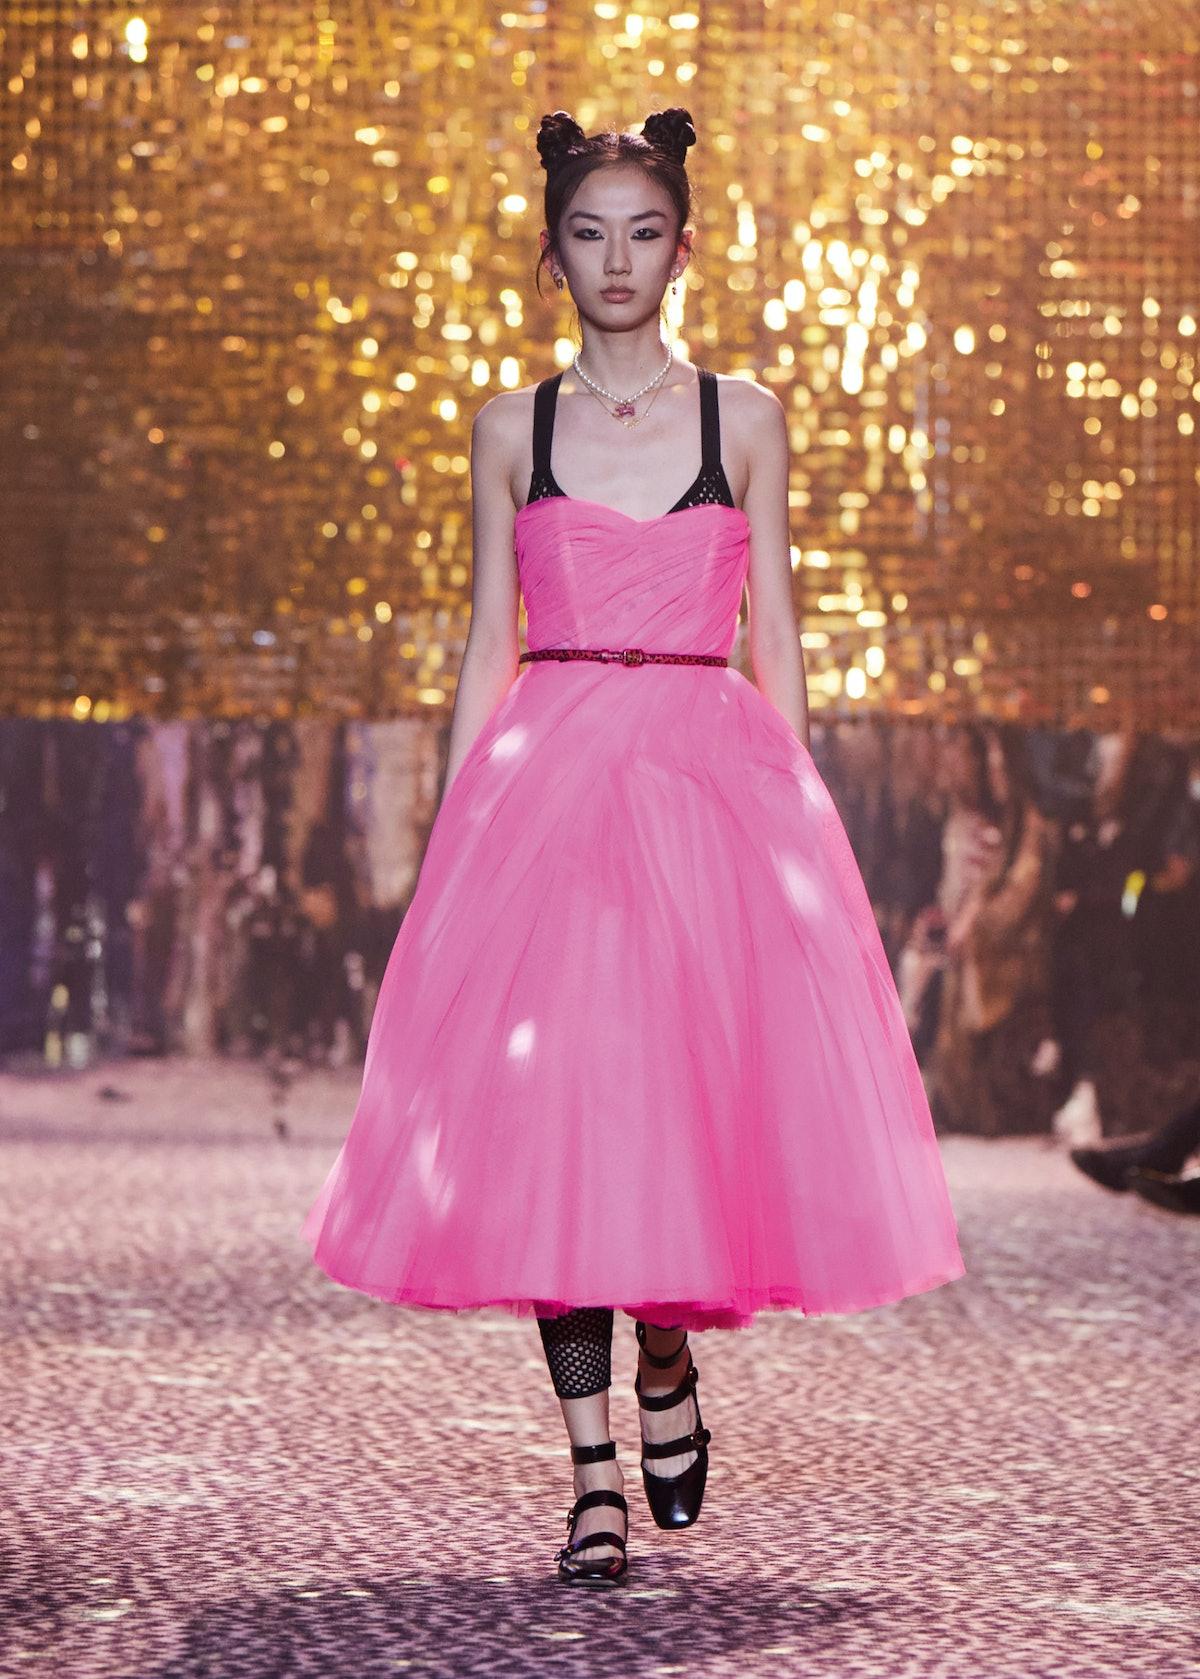 Model in pink dress